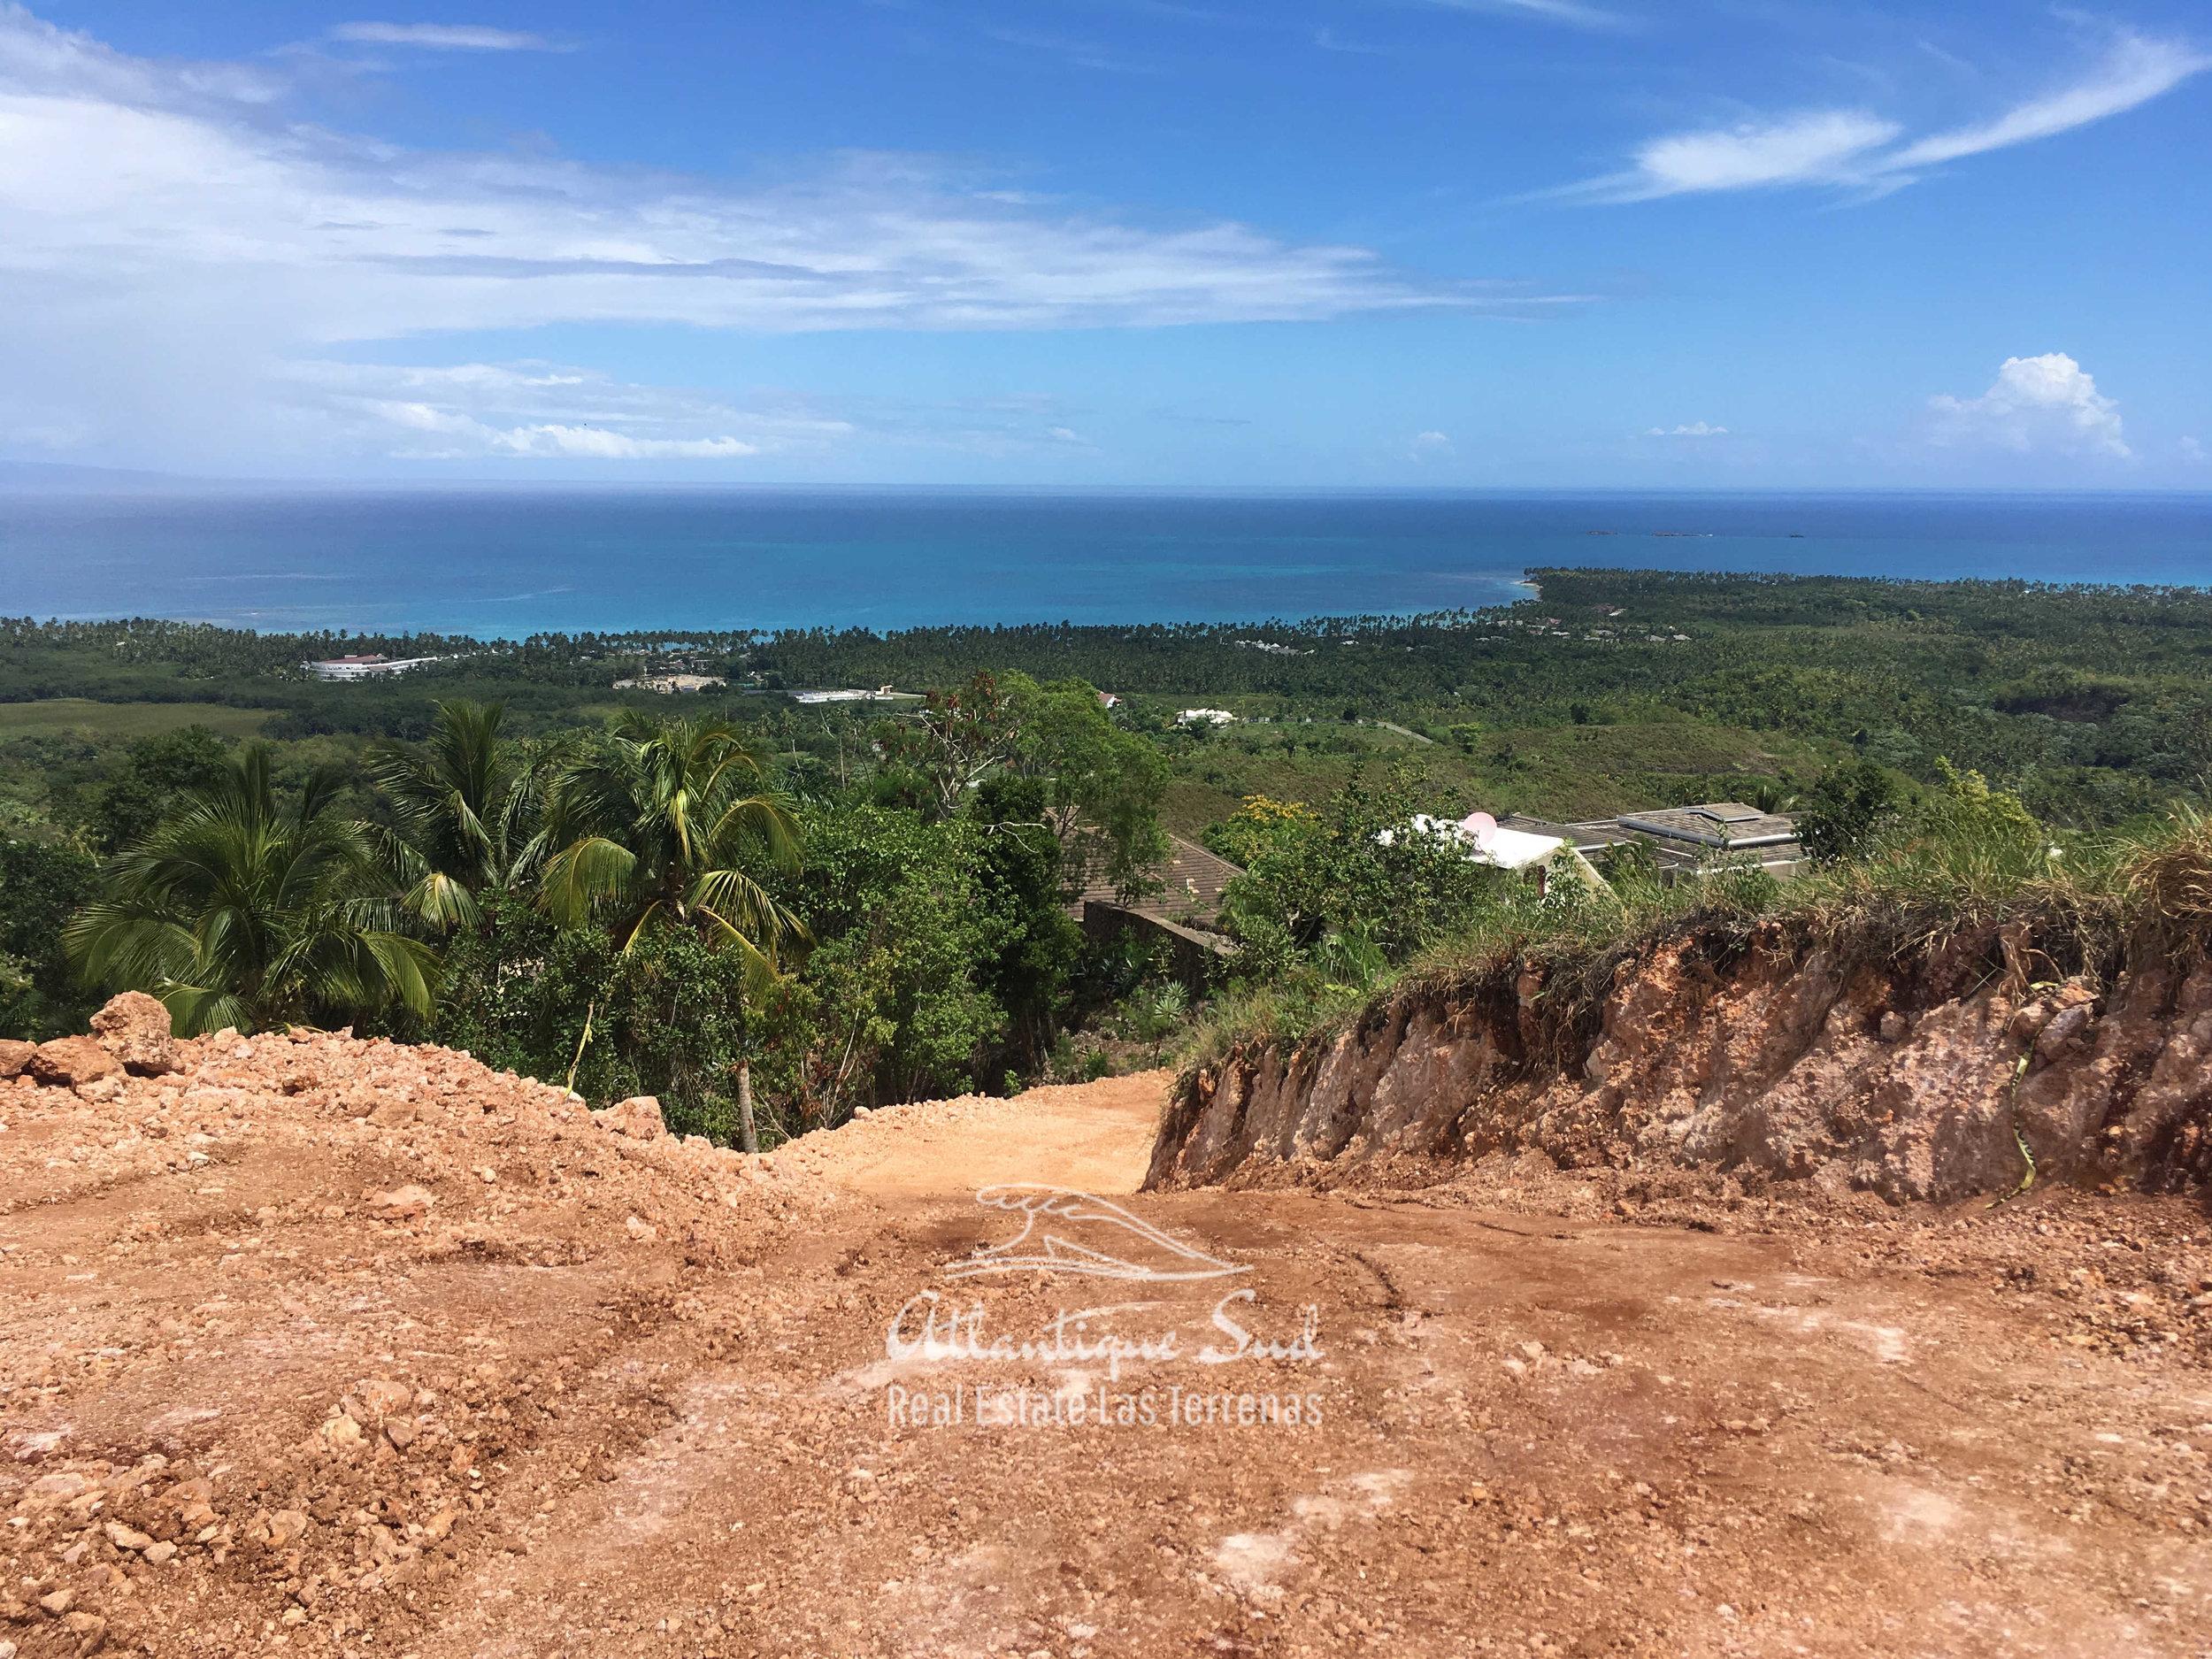 Lots with villas to build in Coson las terrenas20.jpg